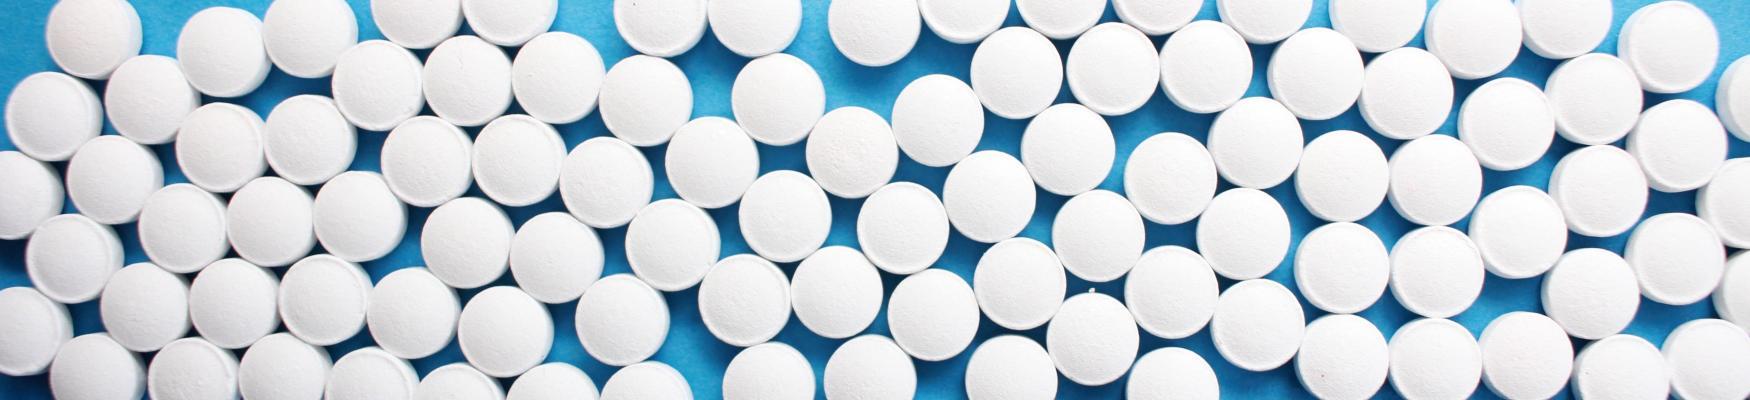 Många vita piller på ett bord